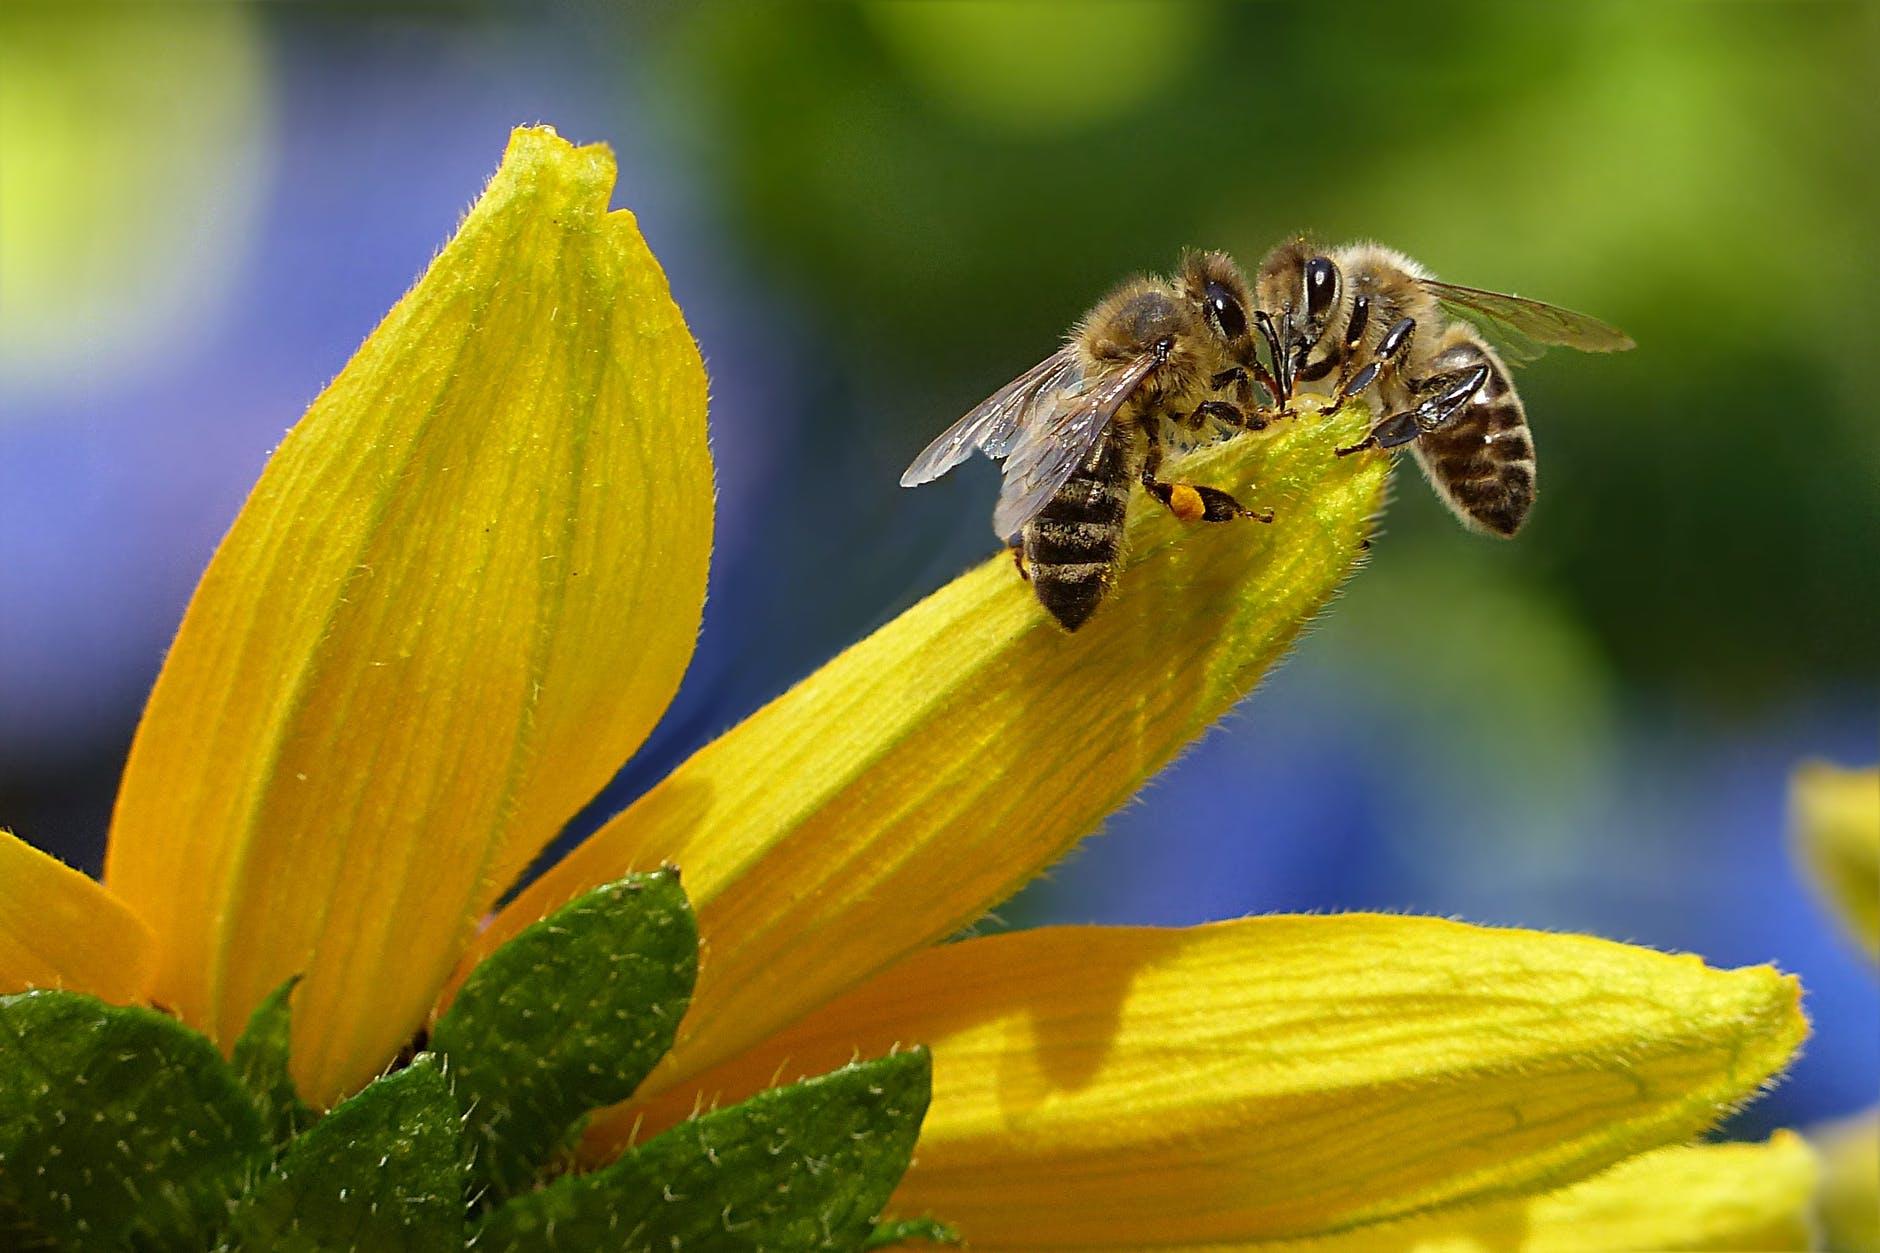 Effective Natural Bee Repellent Methods To Keep Your Garden Bee-Free